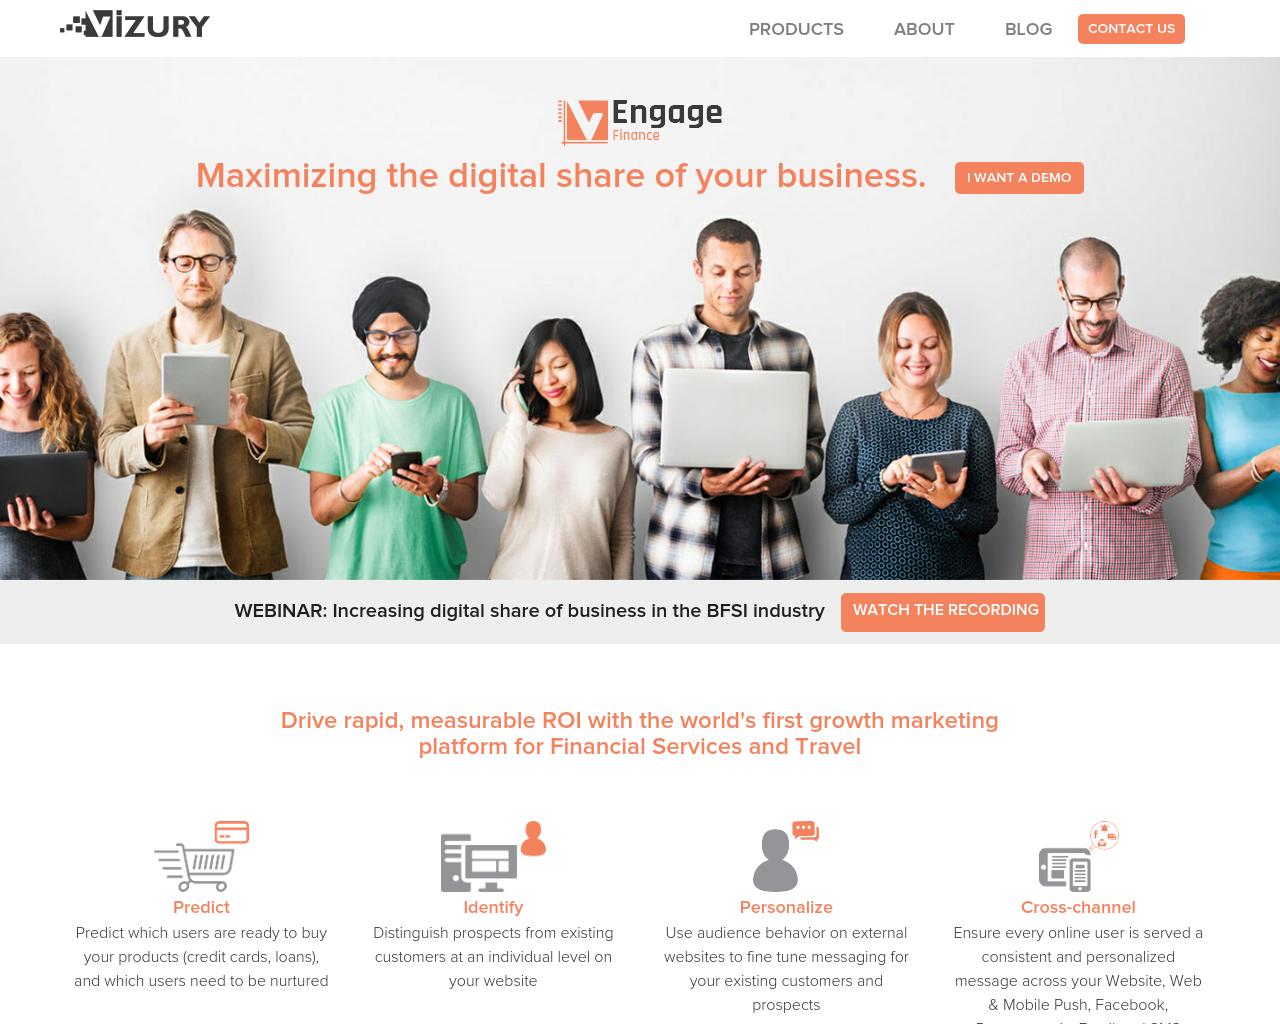 Vizury-Advertising-Reviews-Pricing